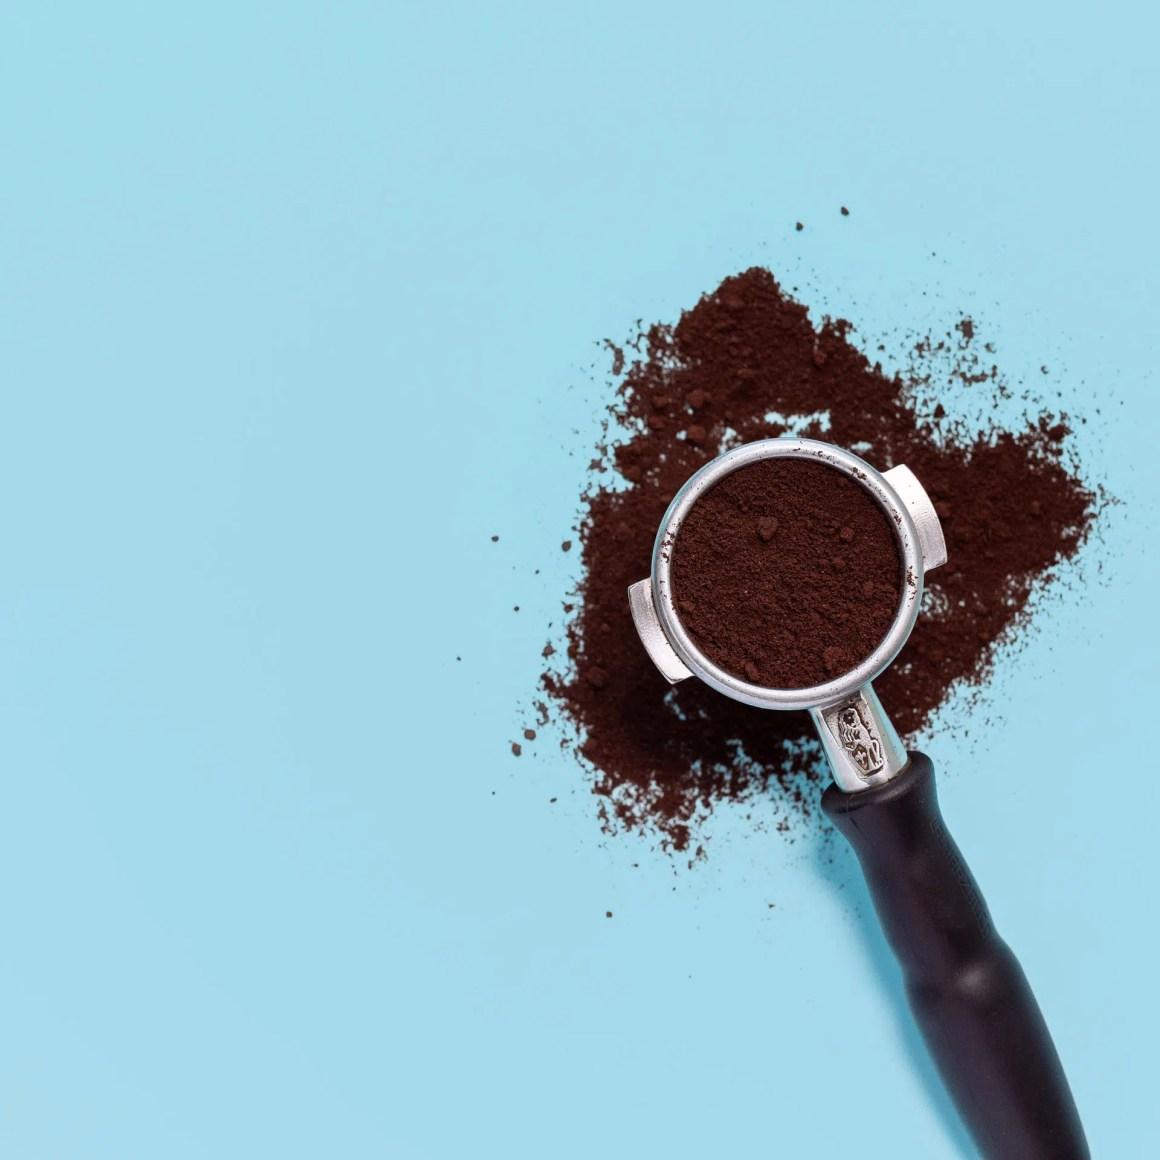 Coffee Grounds for La Marzocco Espresso Subscription